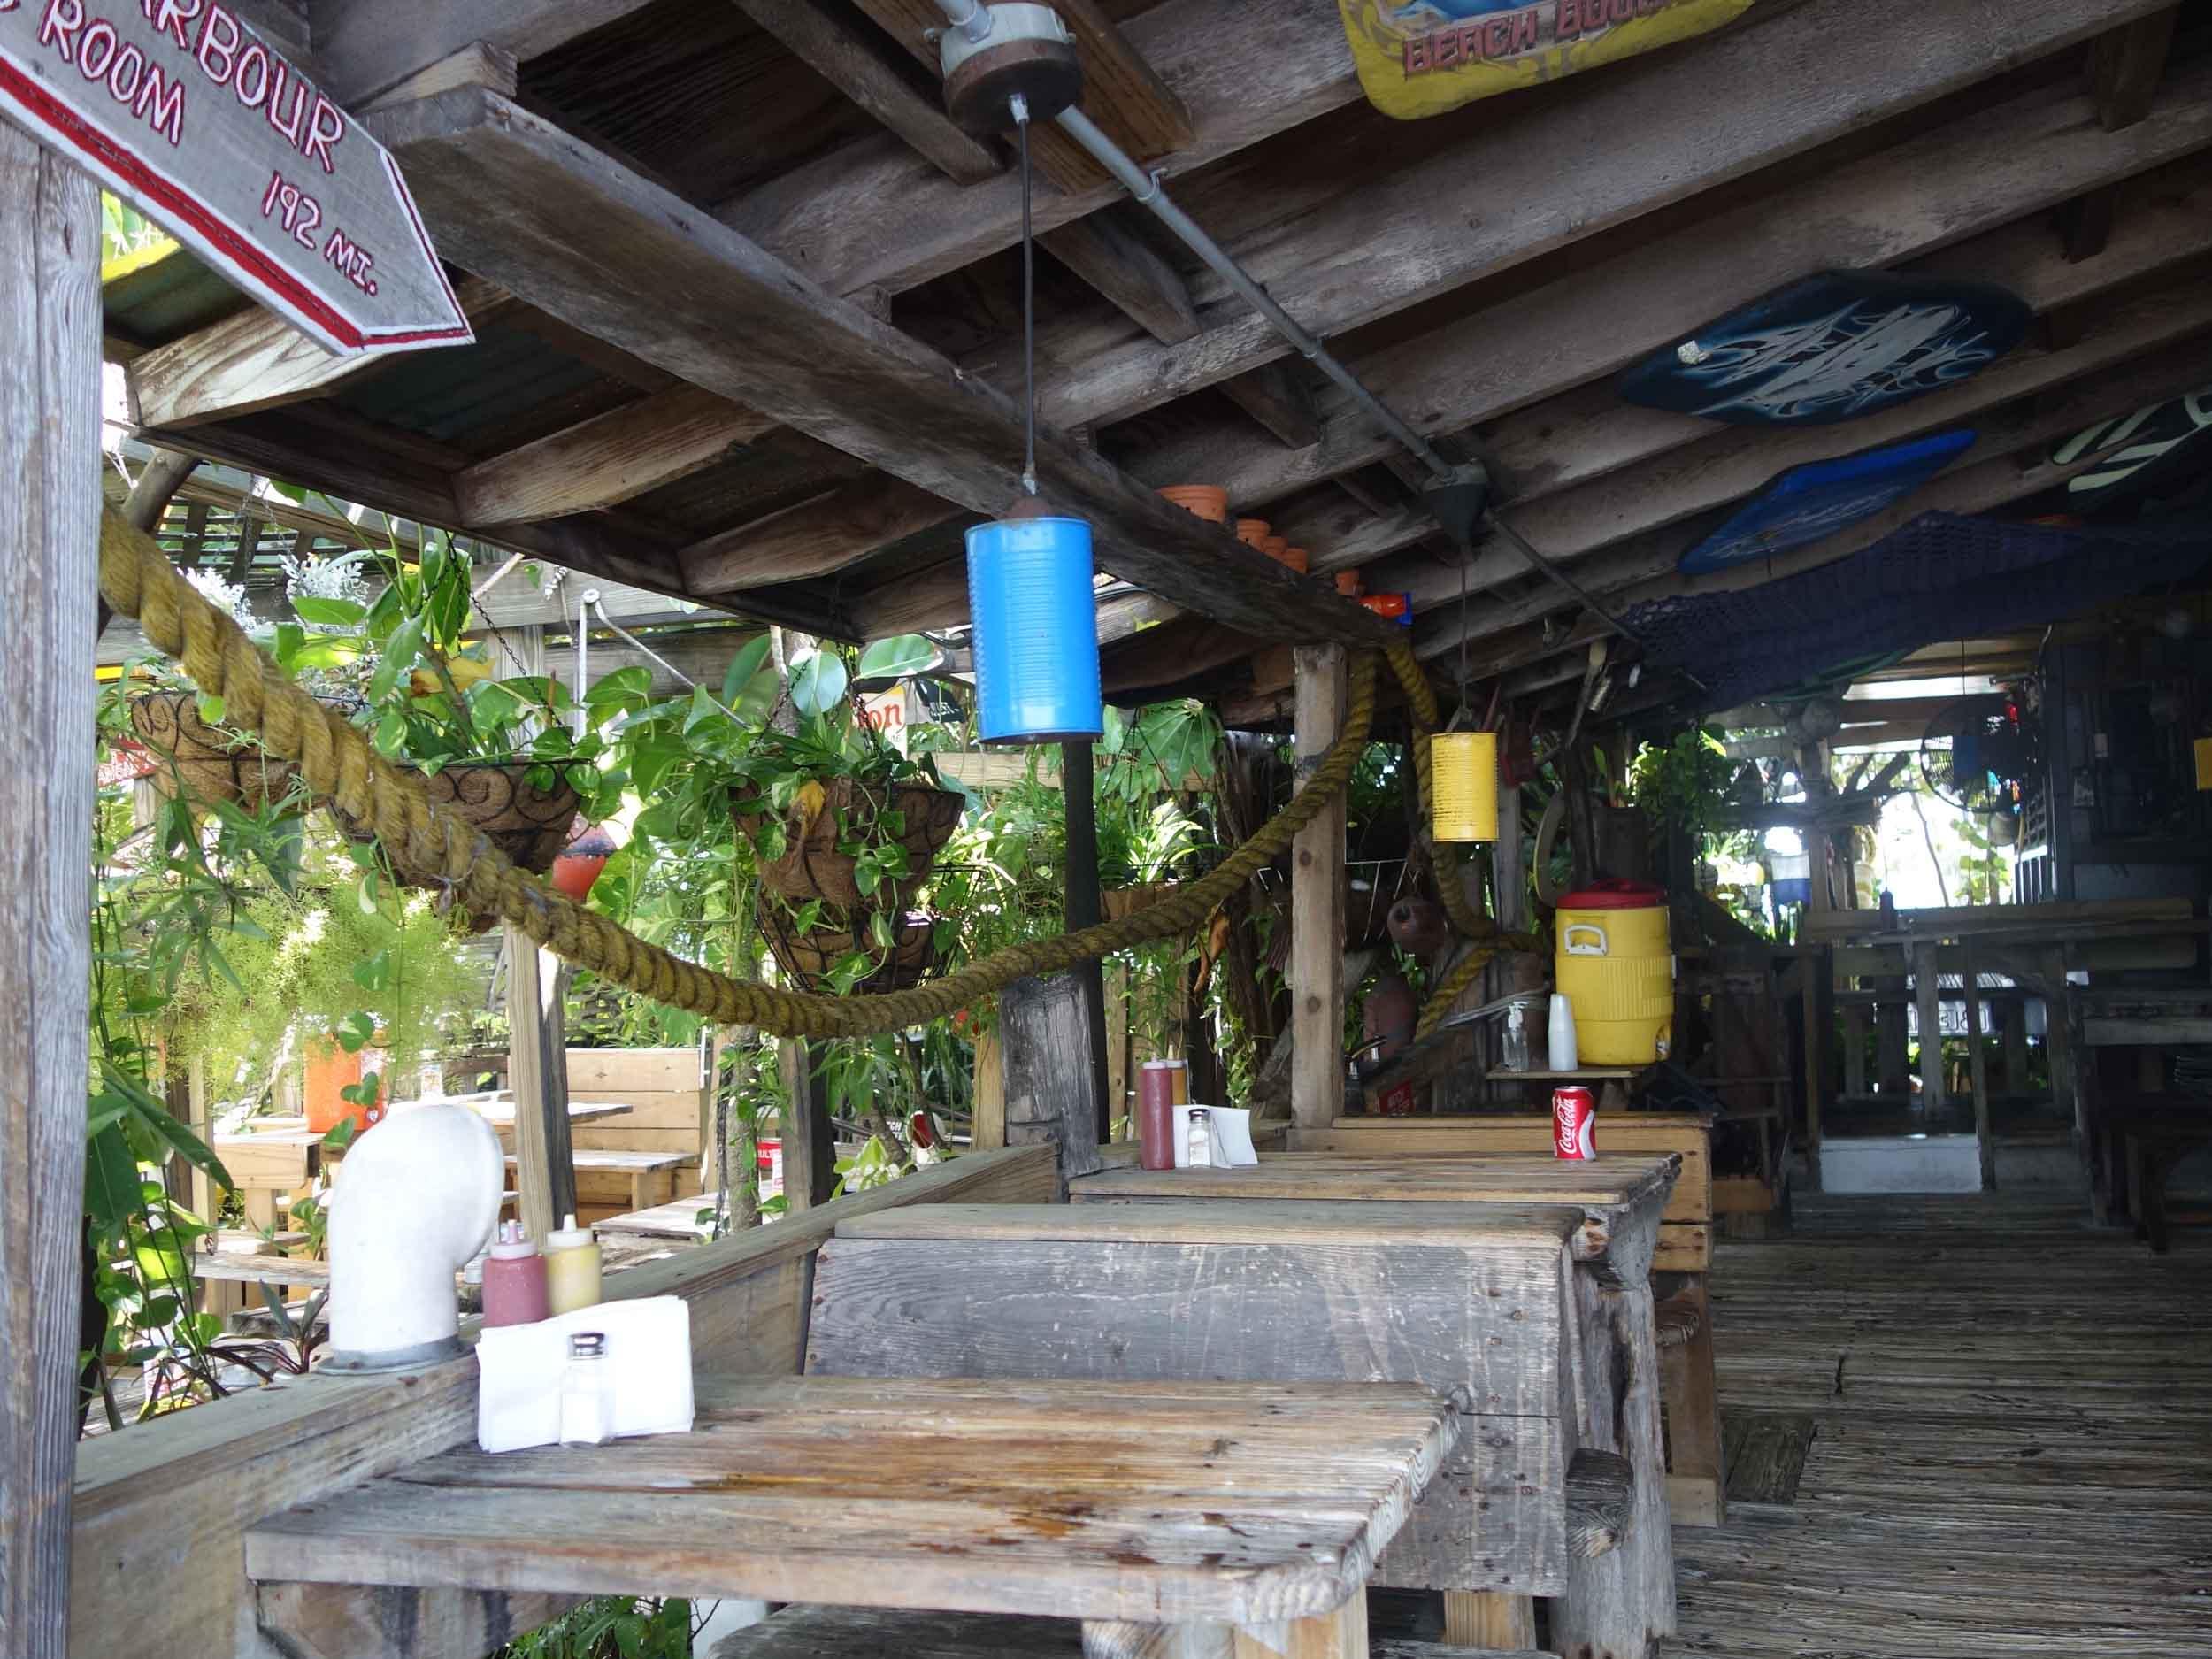 Le Tub Saloon Dining Area